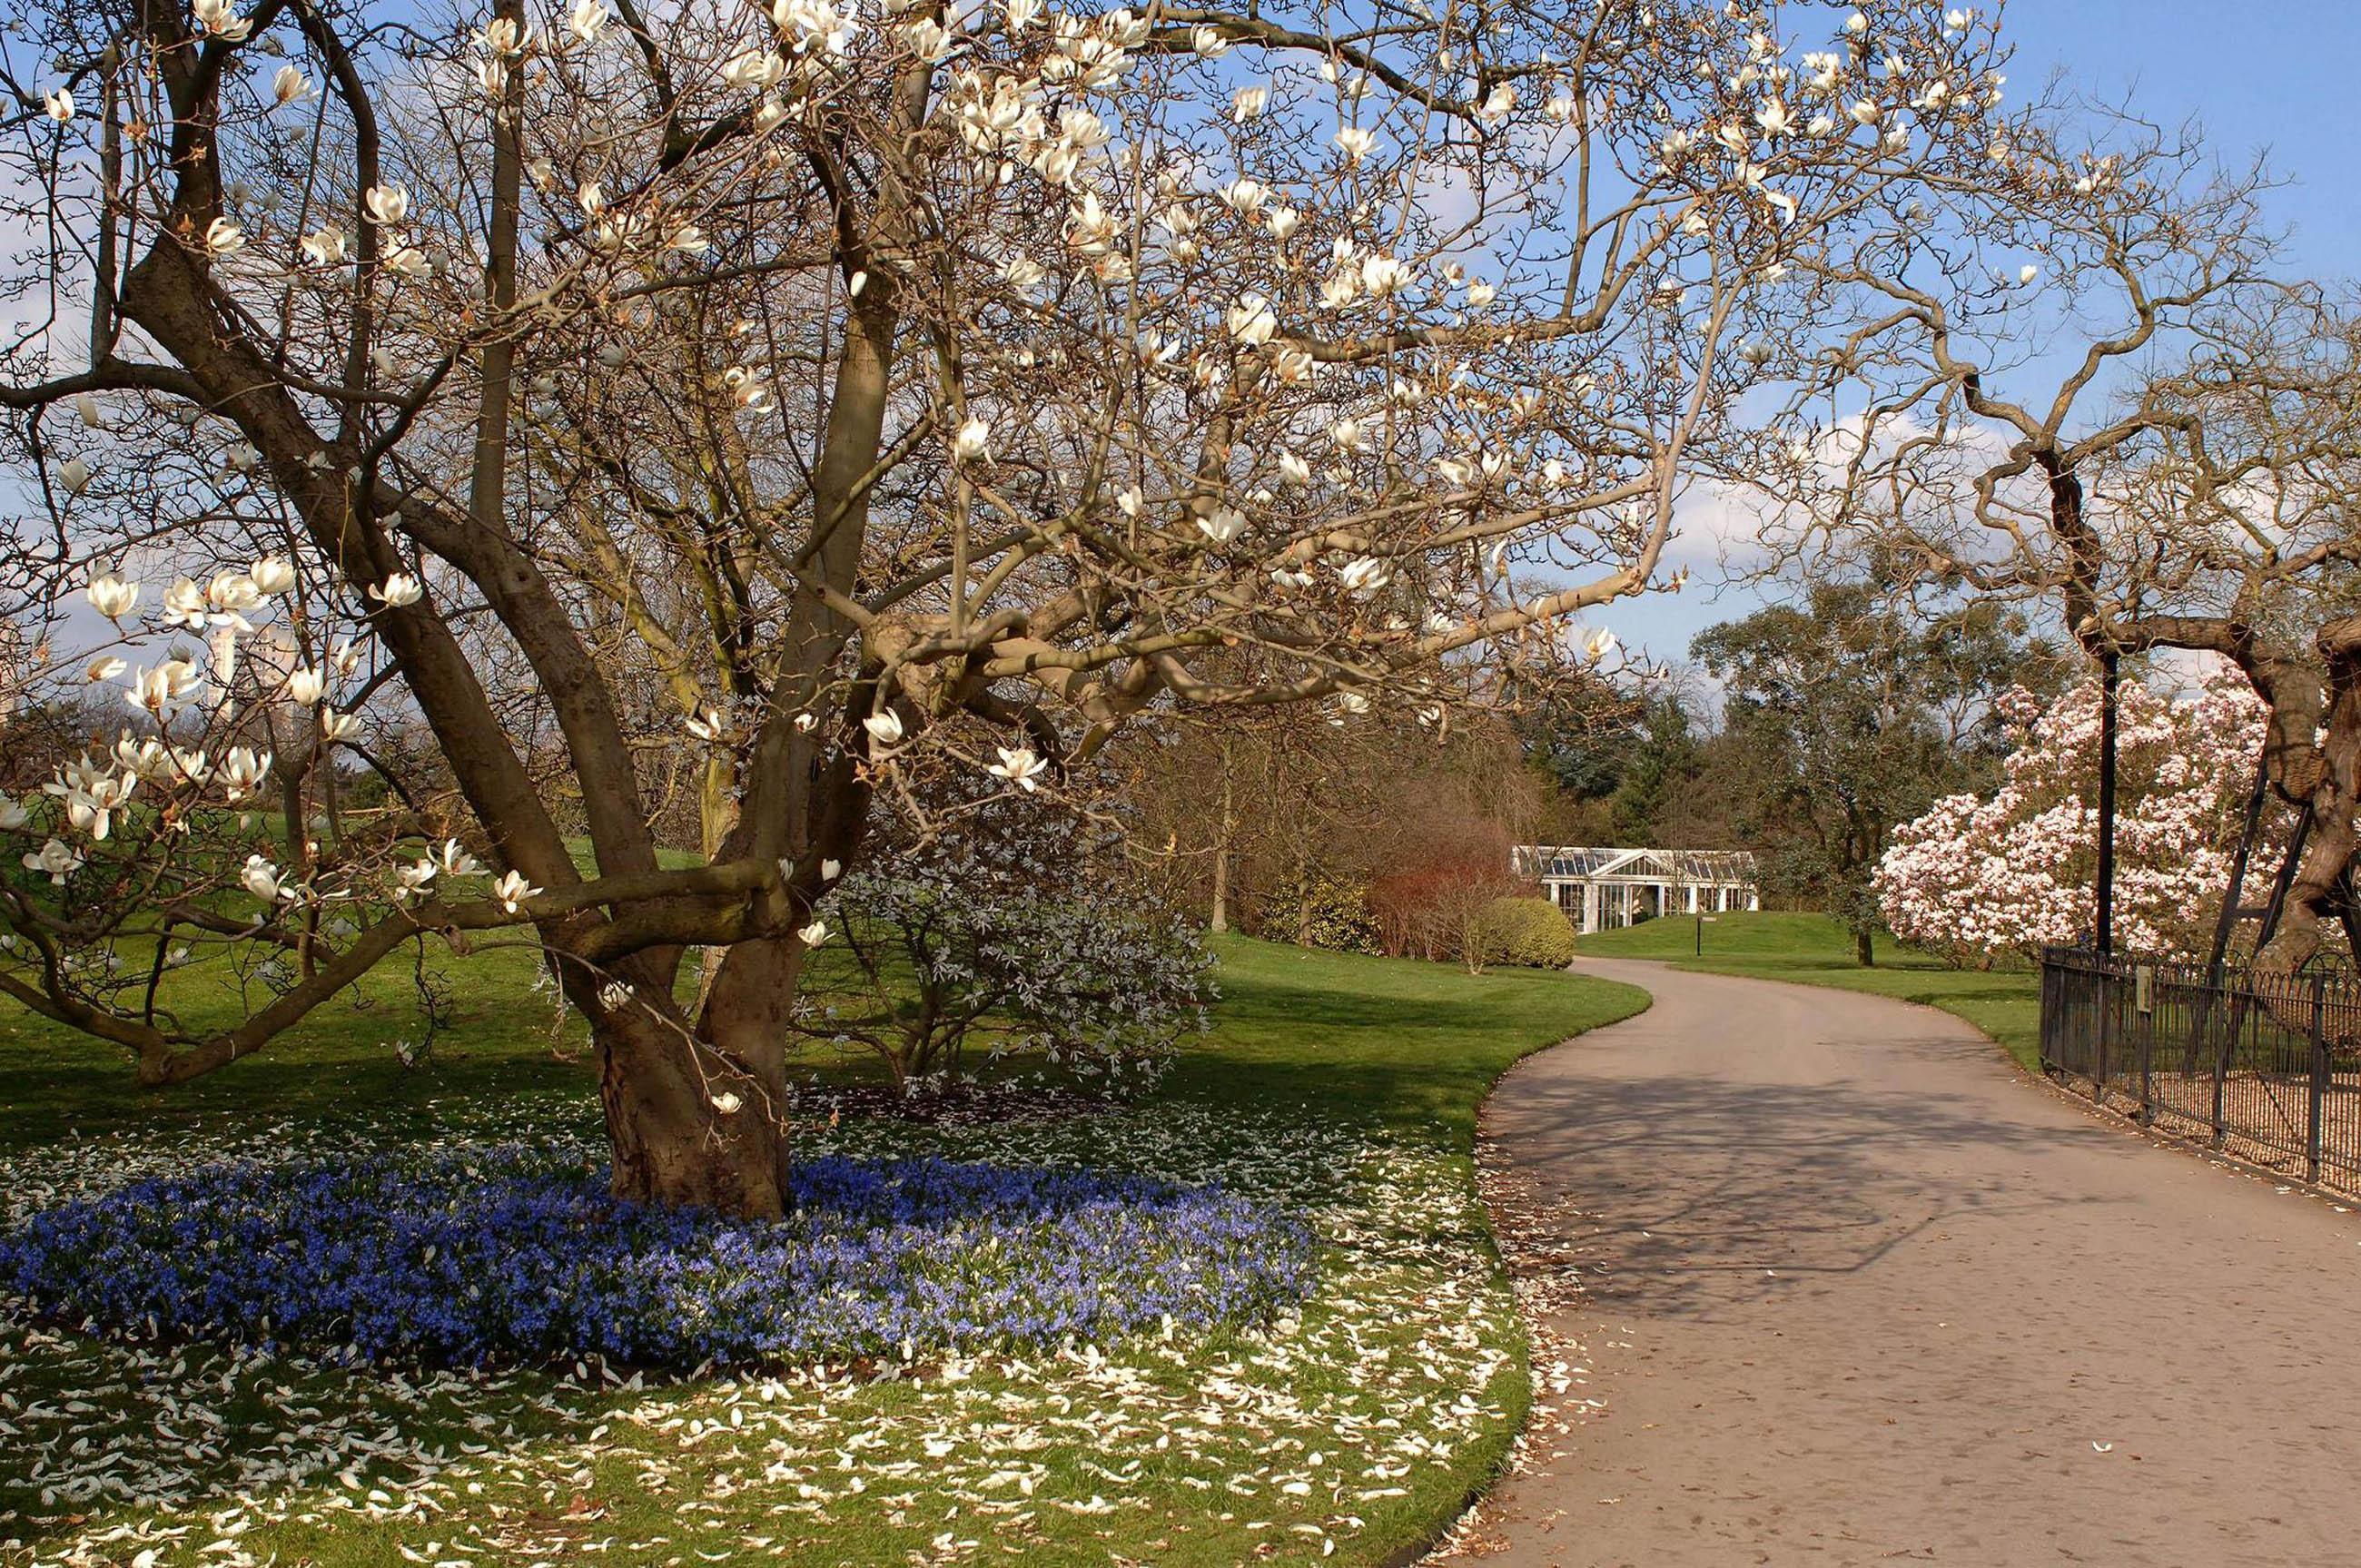 Gardening columnist, travel expert to discuss planned England garden ...